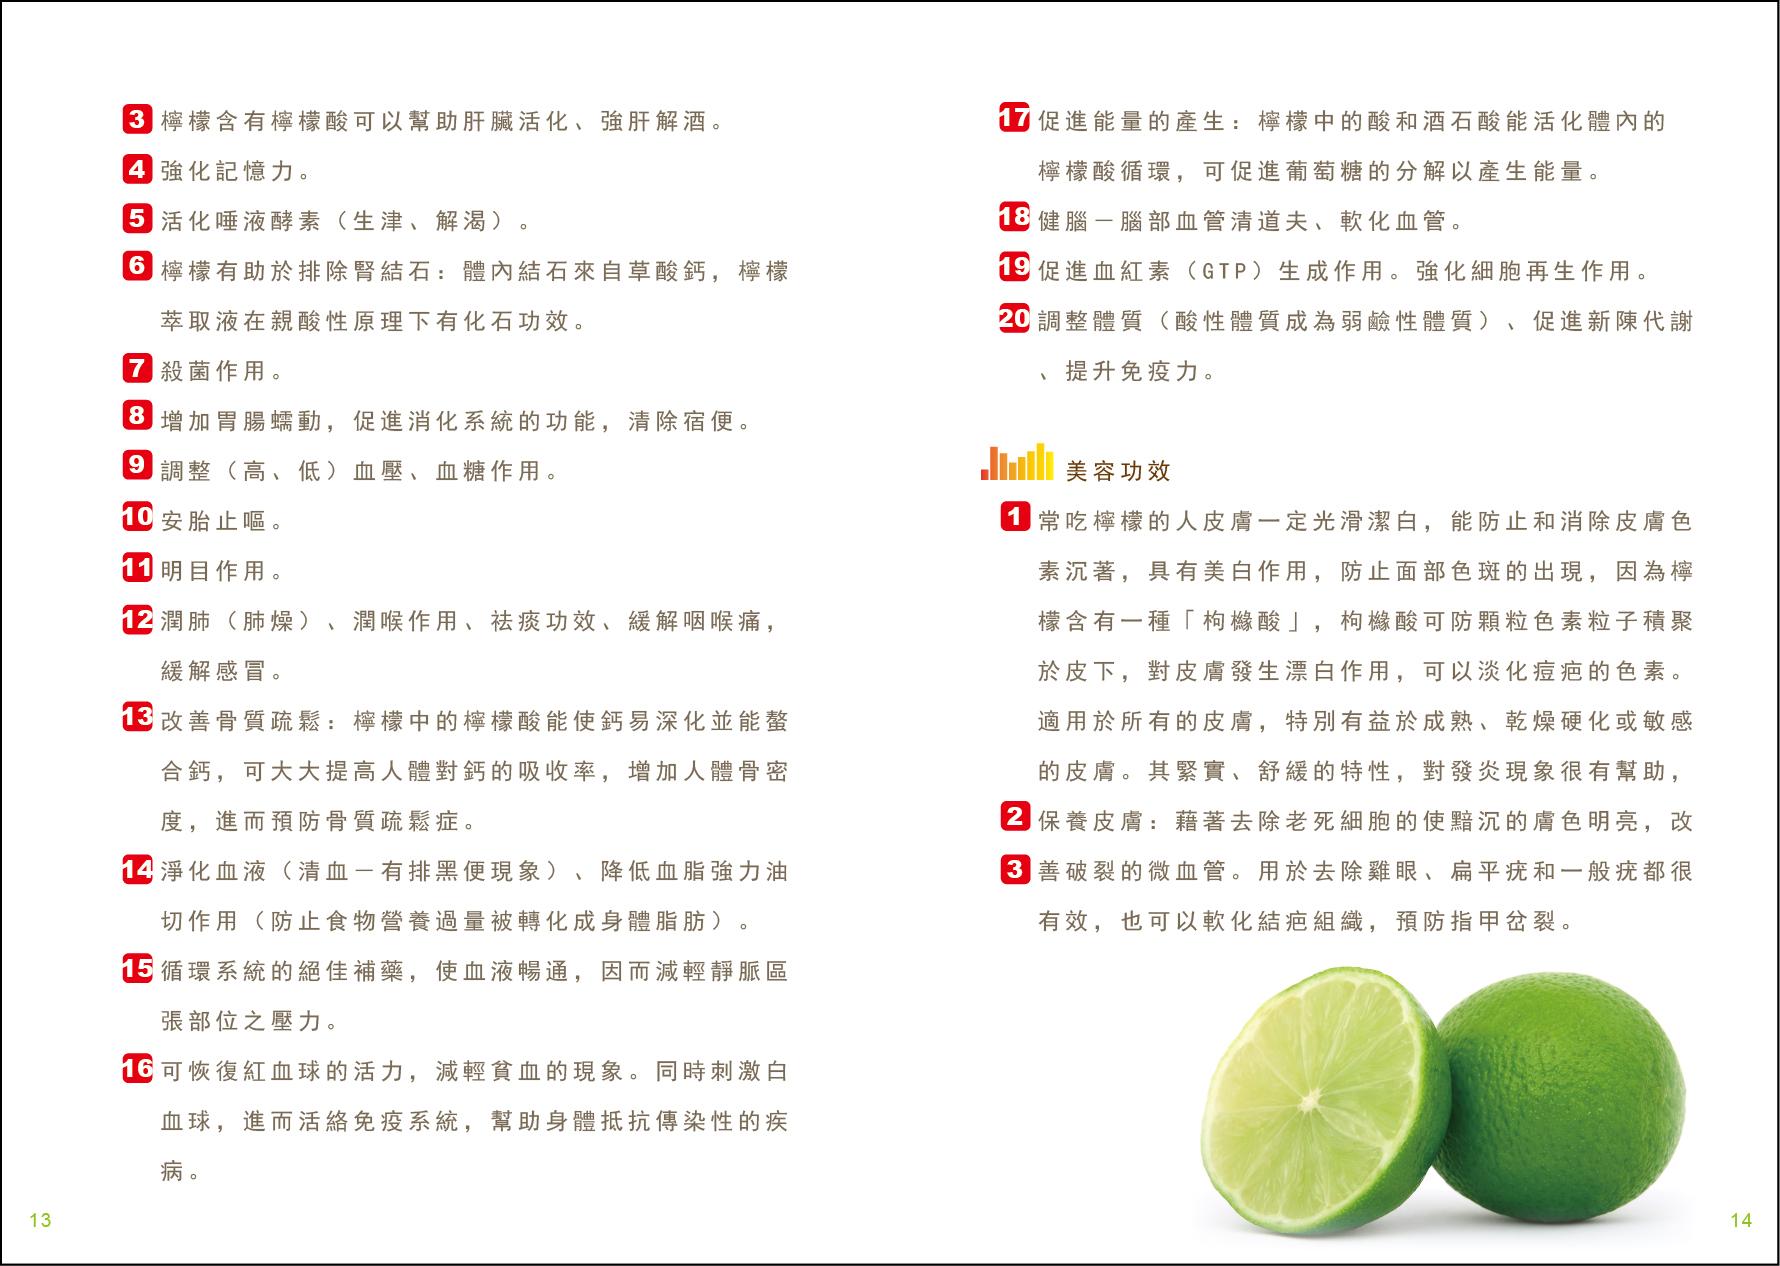 素人清歡_加盟手冊_1314檸檬B_v160223a